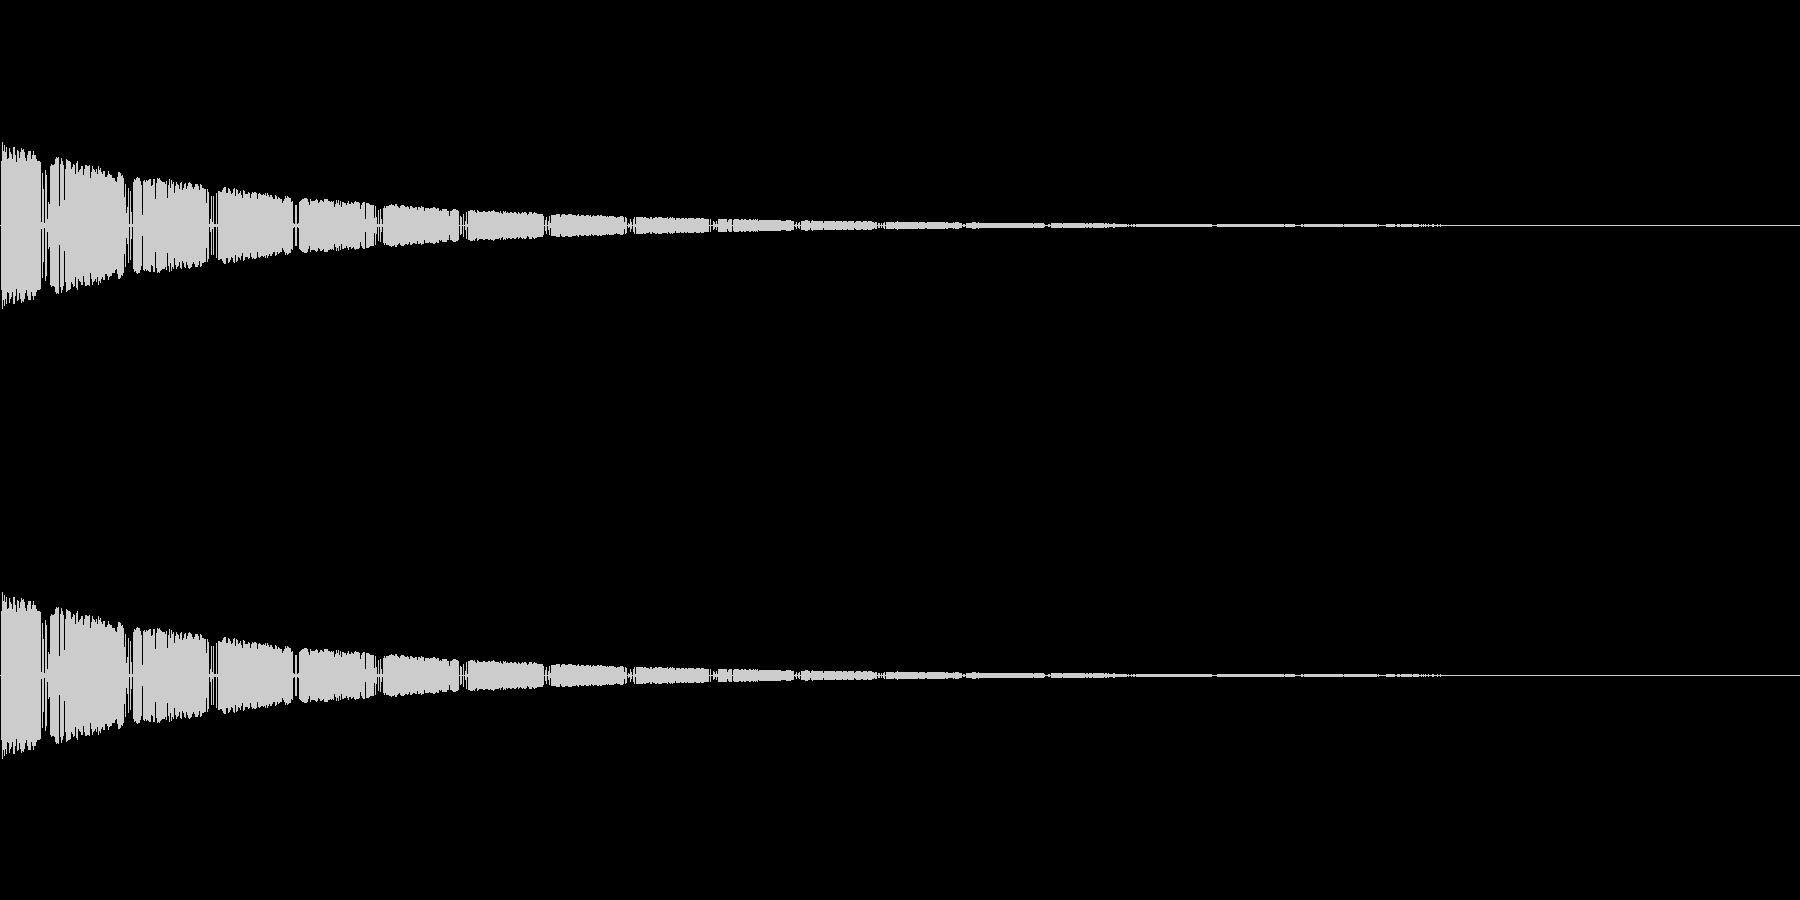 びびびーん(びっくりした効果音)の未再生の波形